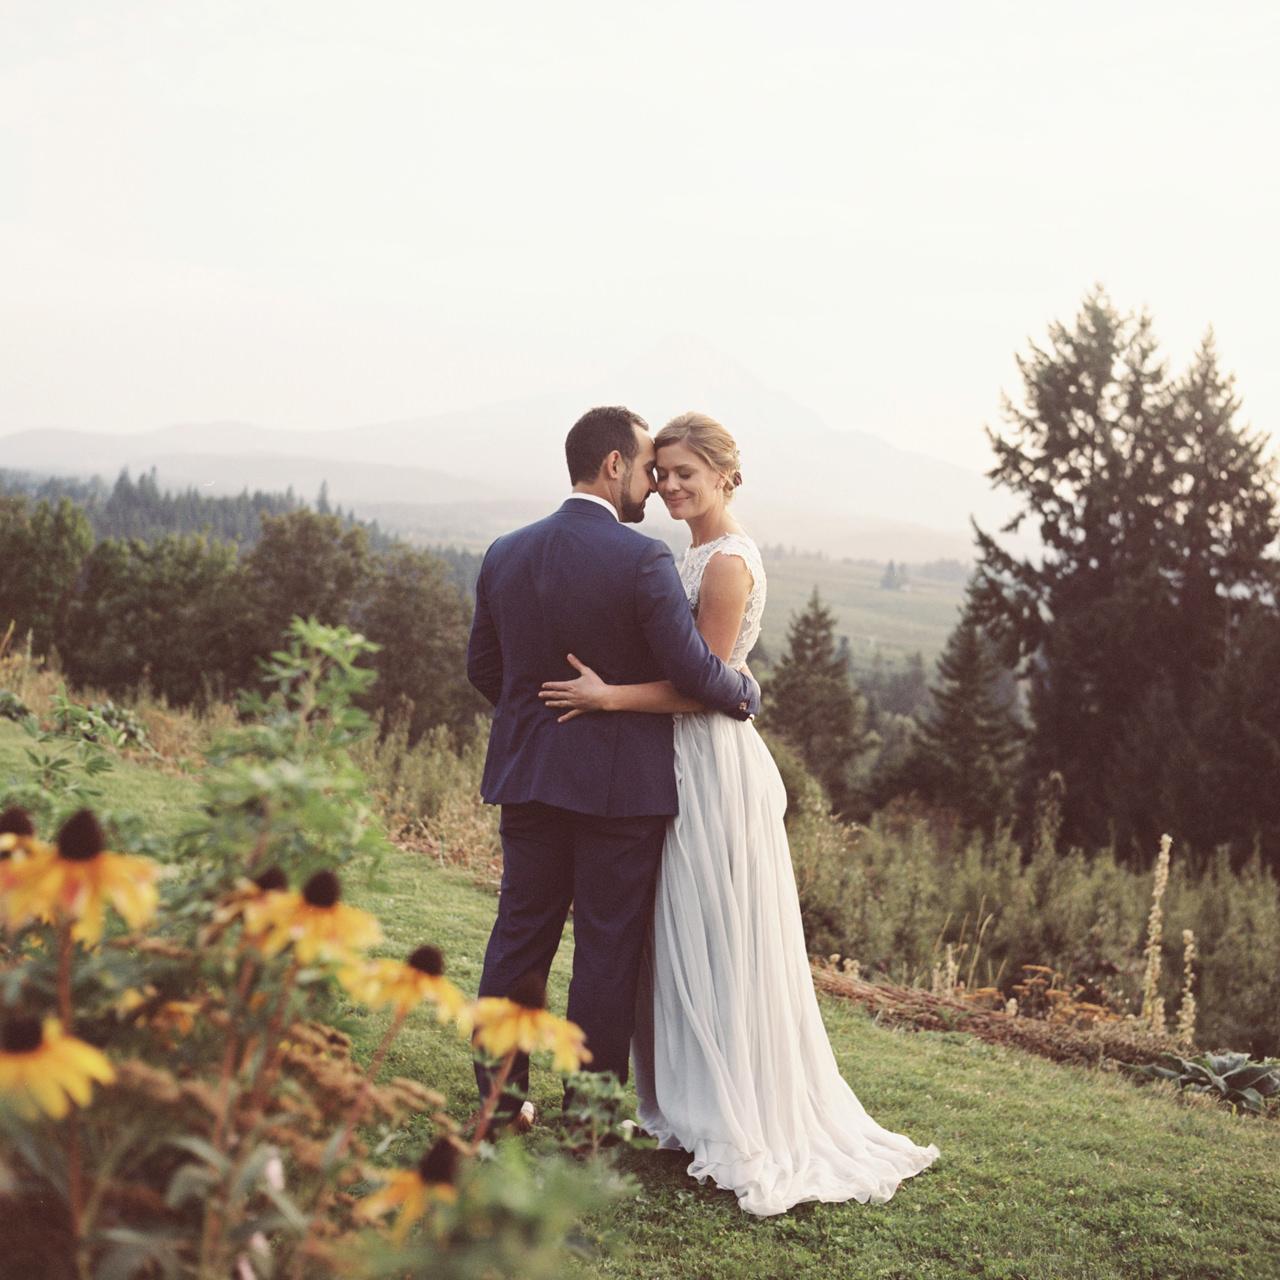 mt-hood-organic-farms-film-wedding-20.jpg